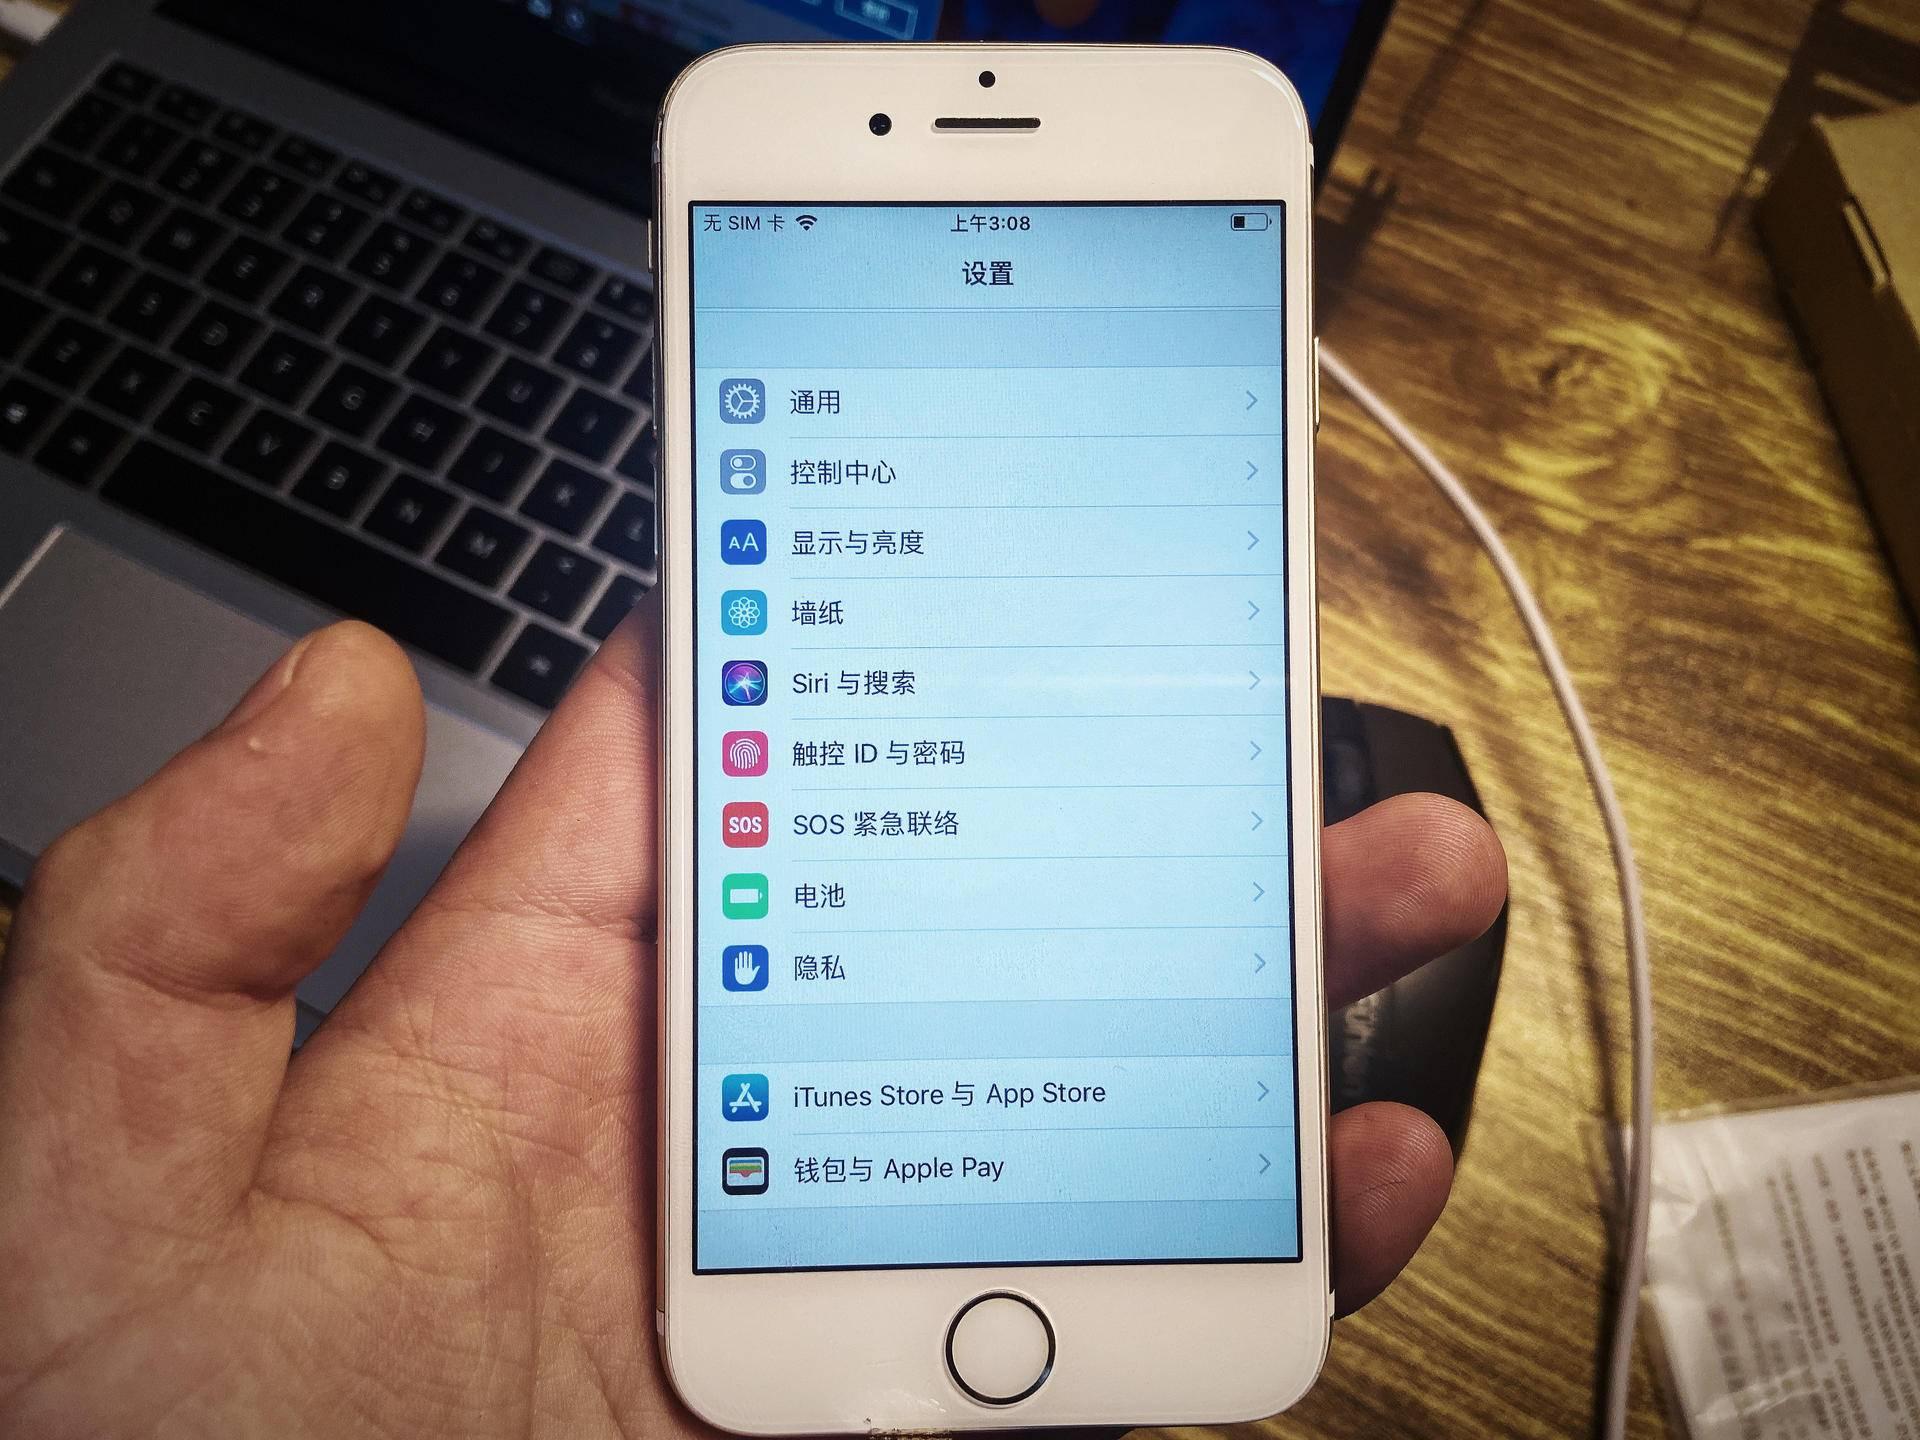 冒险王精灵_被iOS14抛弃的iPhone6:真的已经淘汰了吗?-第3张图片-游戏摸鱼怪